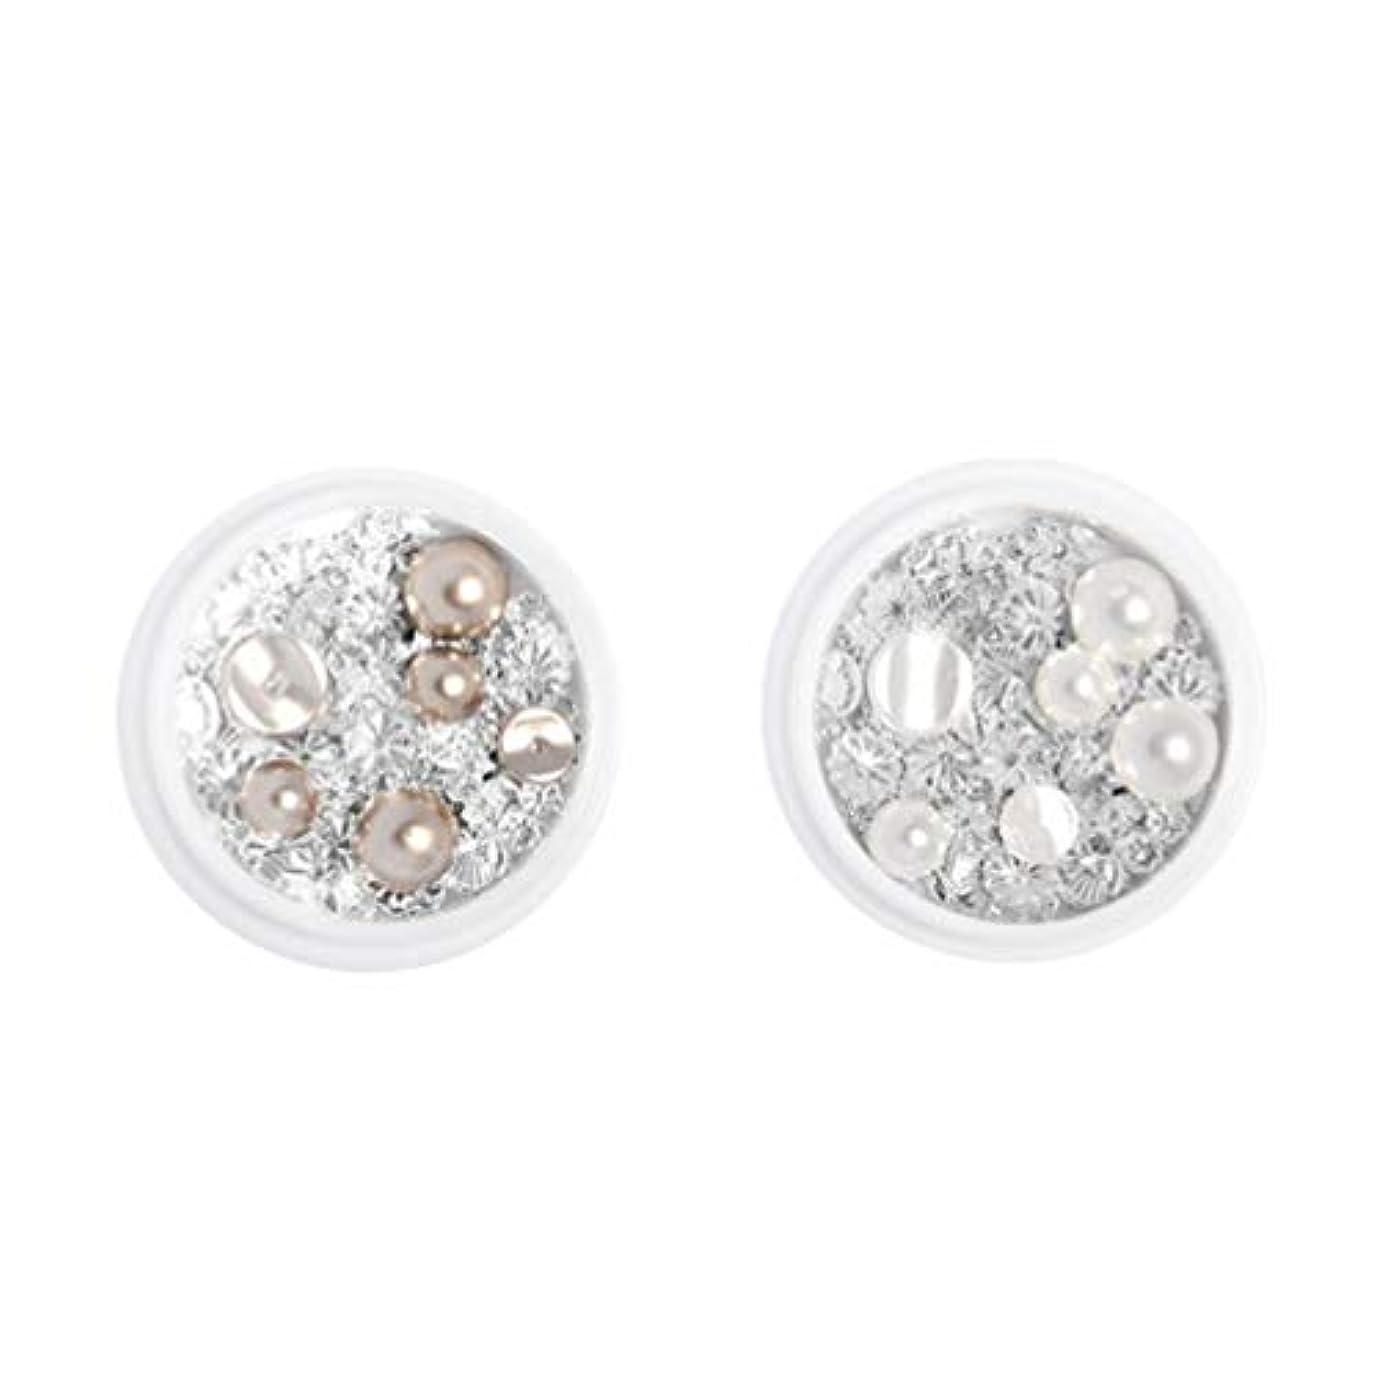 ローズ近代化する反論Minkissy 3Dネイルアートラインストーンガラスダイヤモンドパールネイルクリスタルネイルジュエリーデコレーションマニキュアキット用ホームdiyネイルサロン(シルバー)